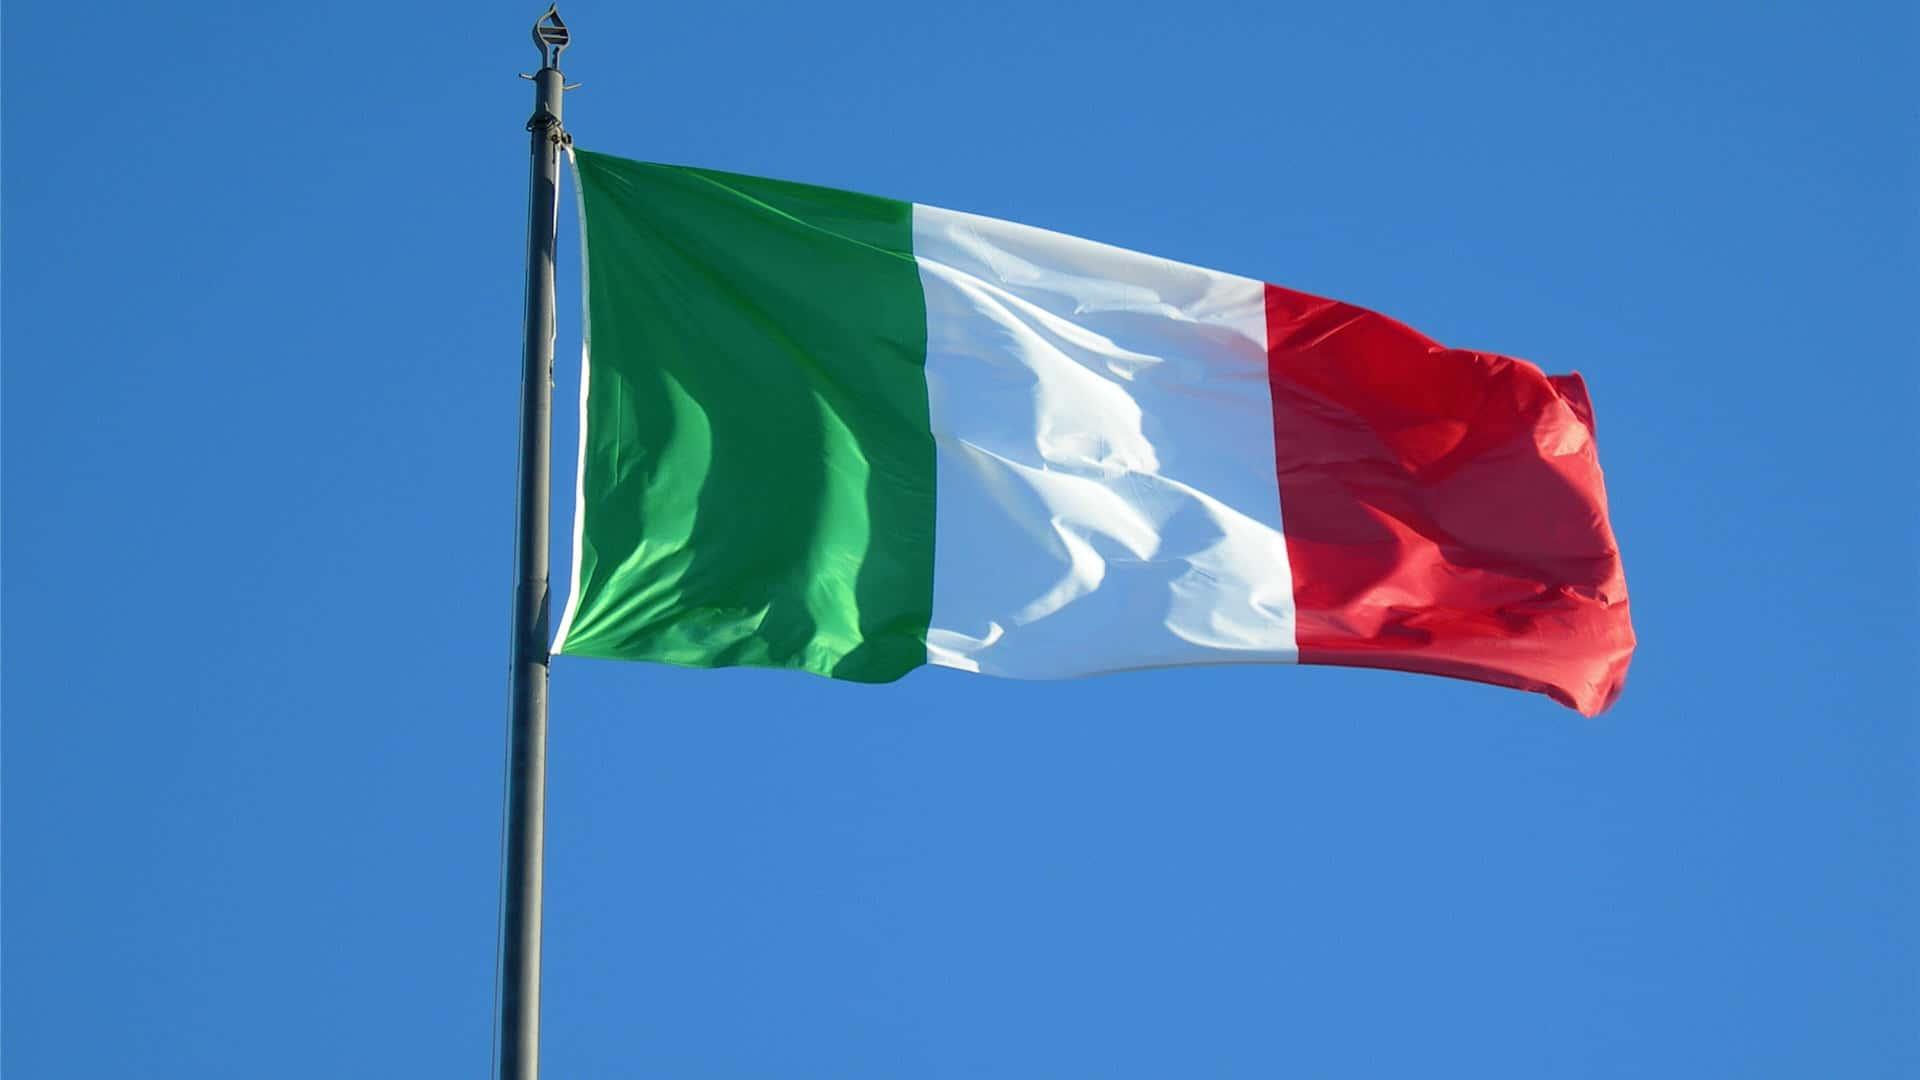 Italian History facts